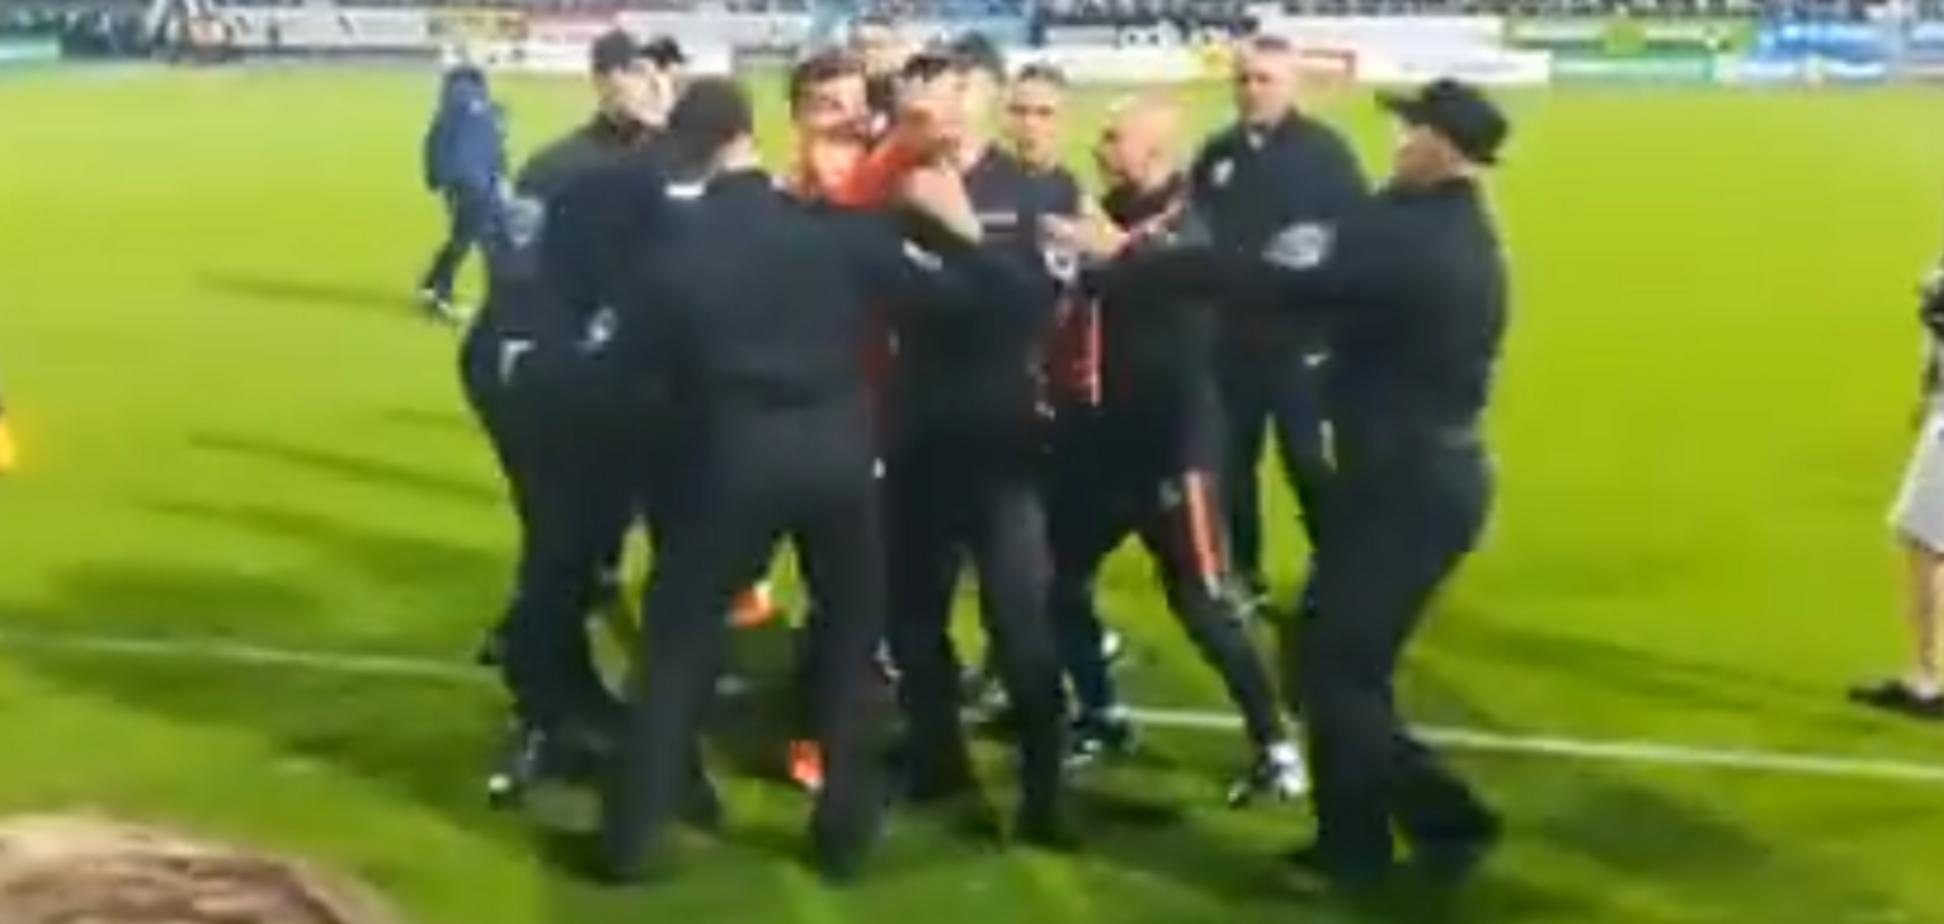 Футболист 'Шахтера' бросился в драку с фанатом 'Динамо': опубликовано видео